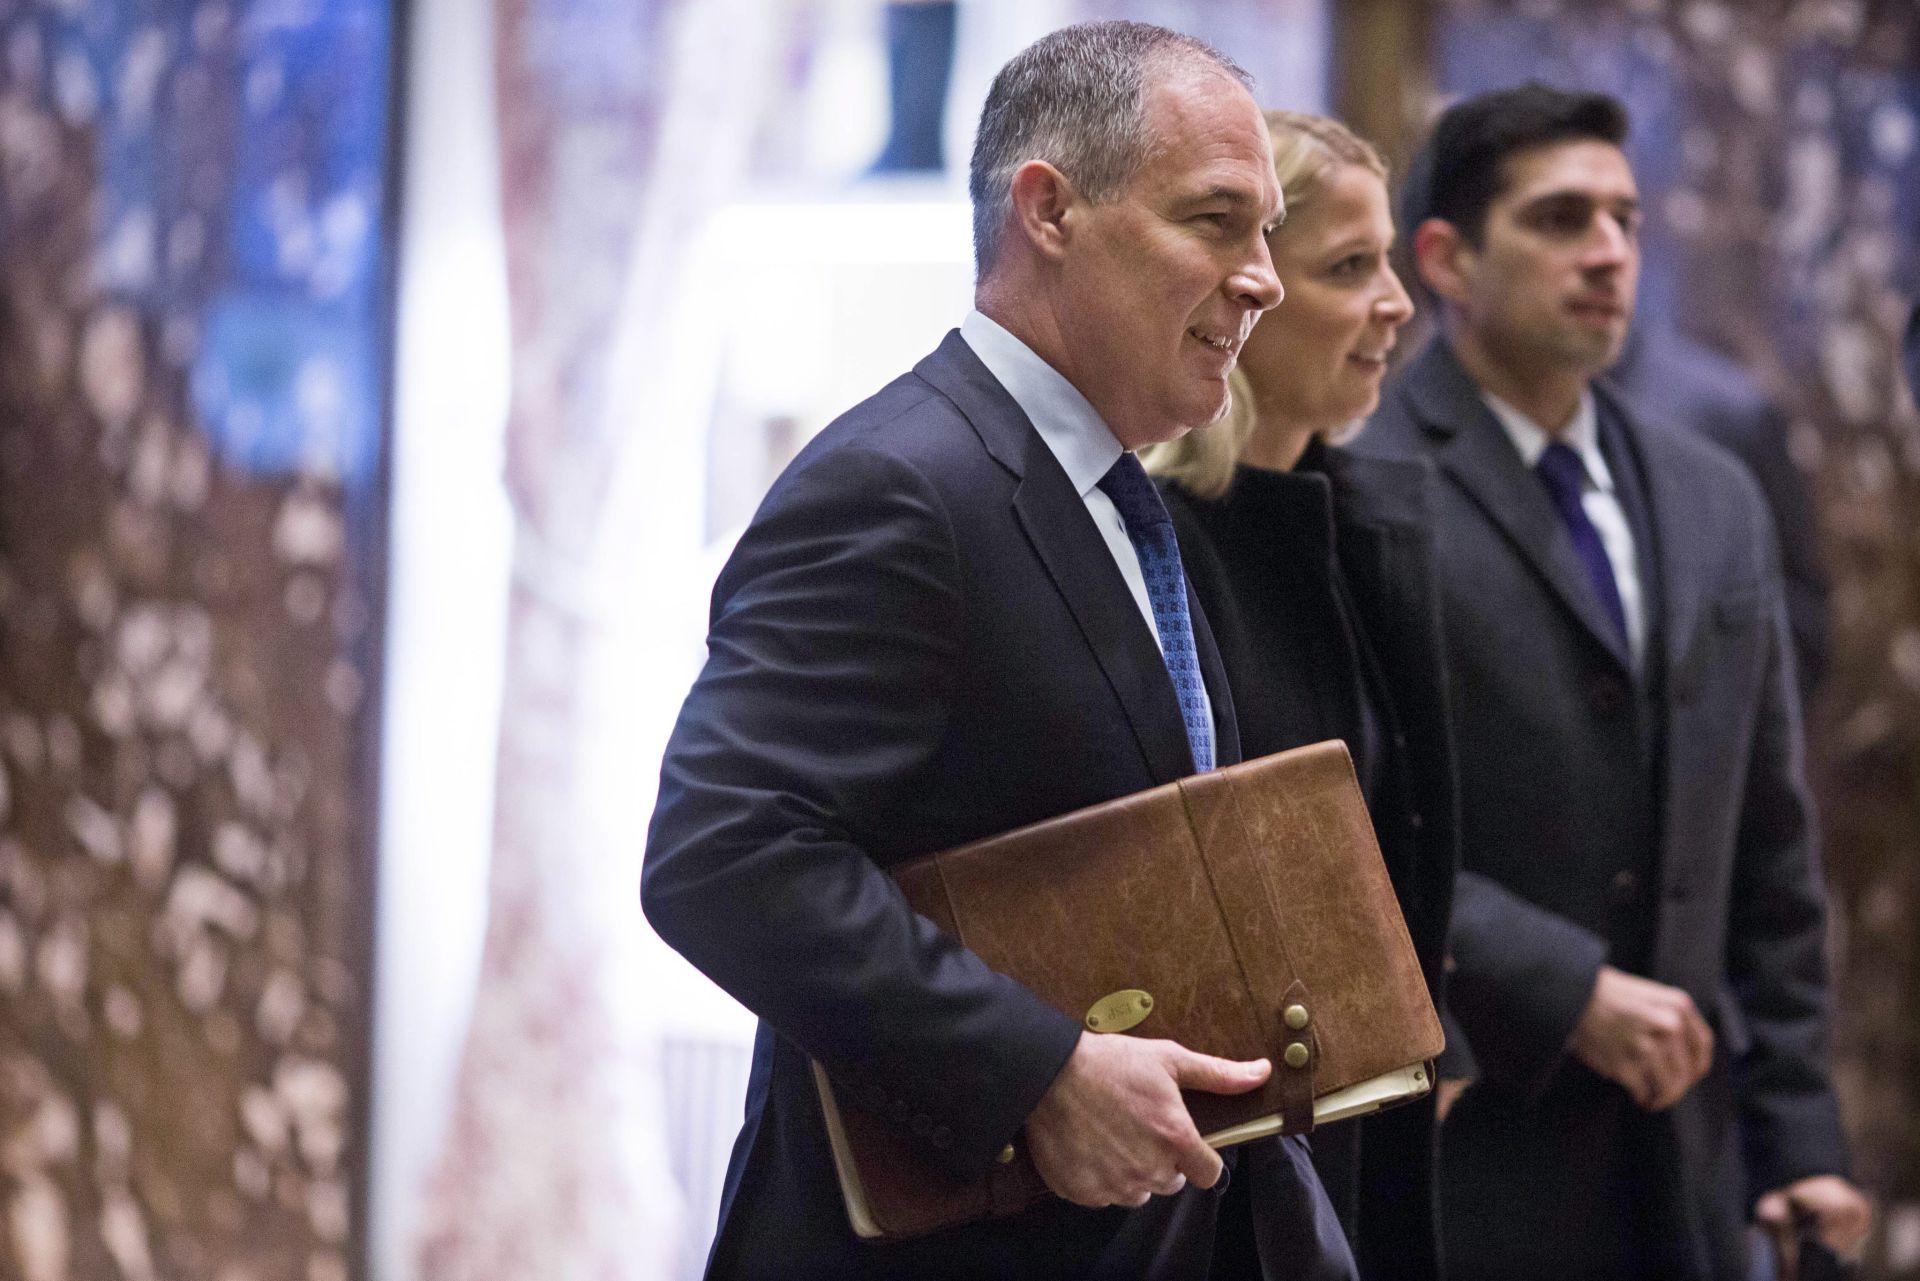 TRUMPOV IZBOR: Klimatski skeptik Scott Pruitt na čelu agencije za okoliš